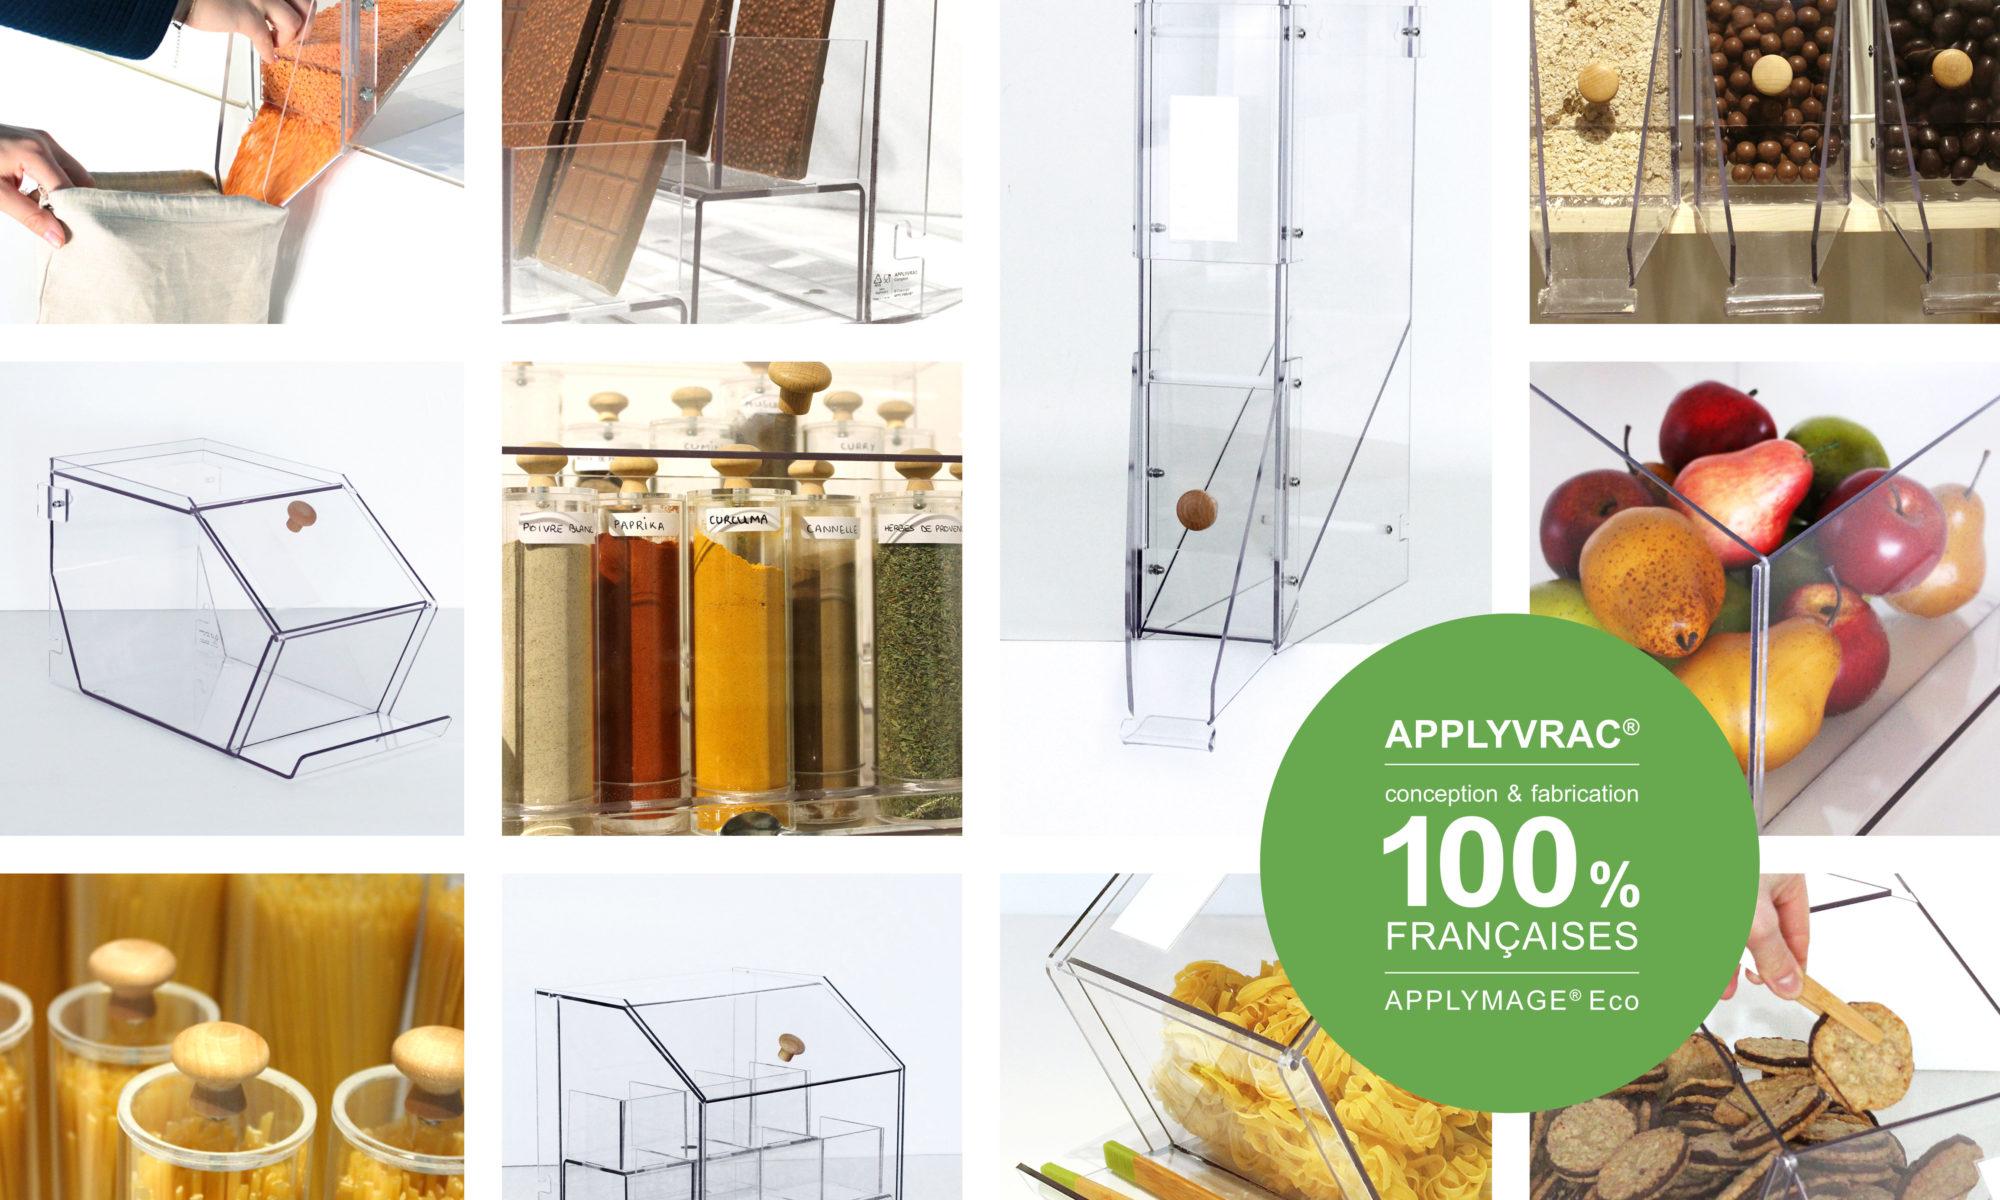 gamme applyvrac - silo distributeur bac pour commerces